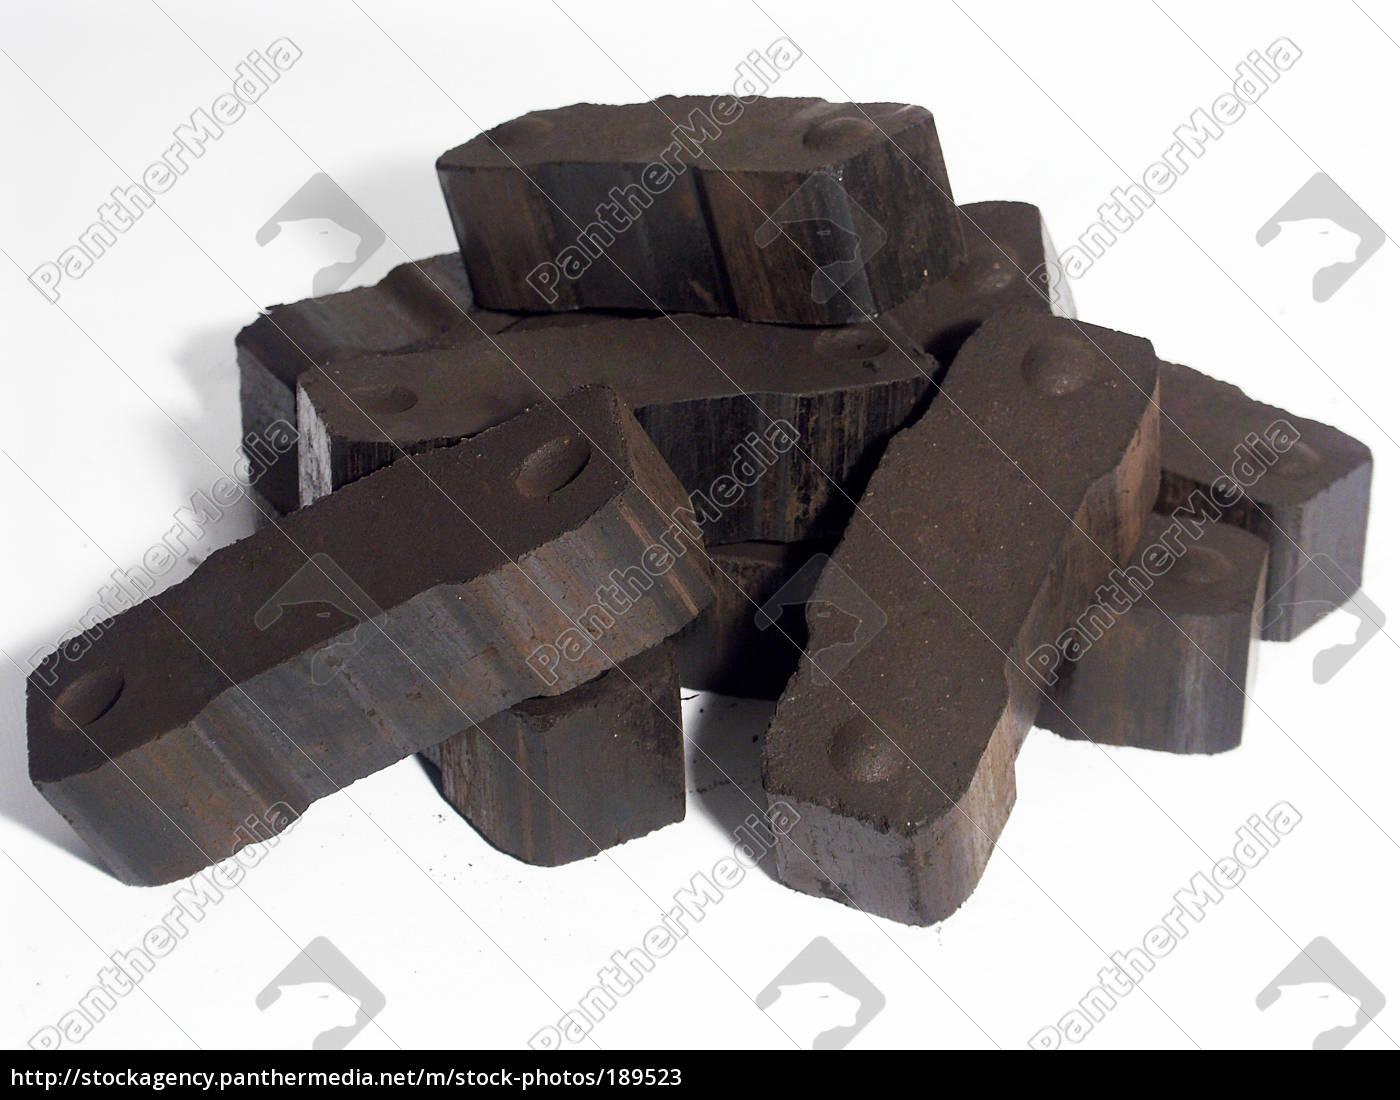 coals - 189523